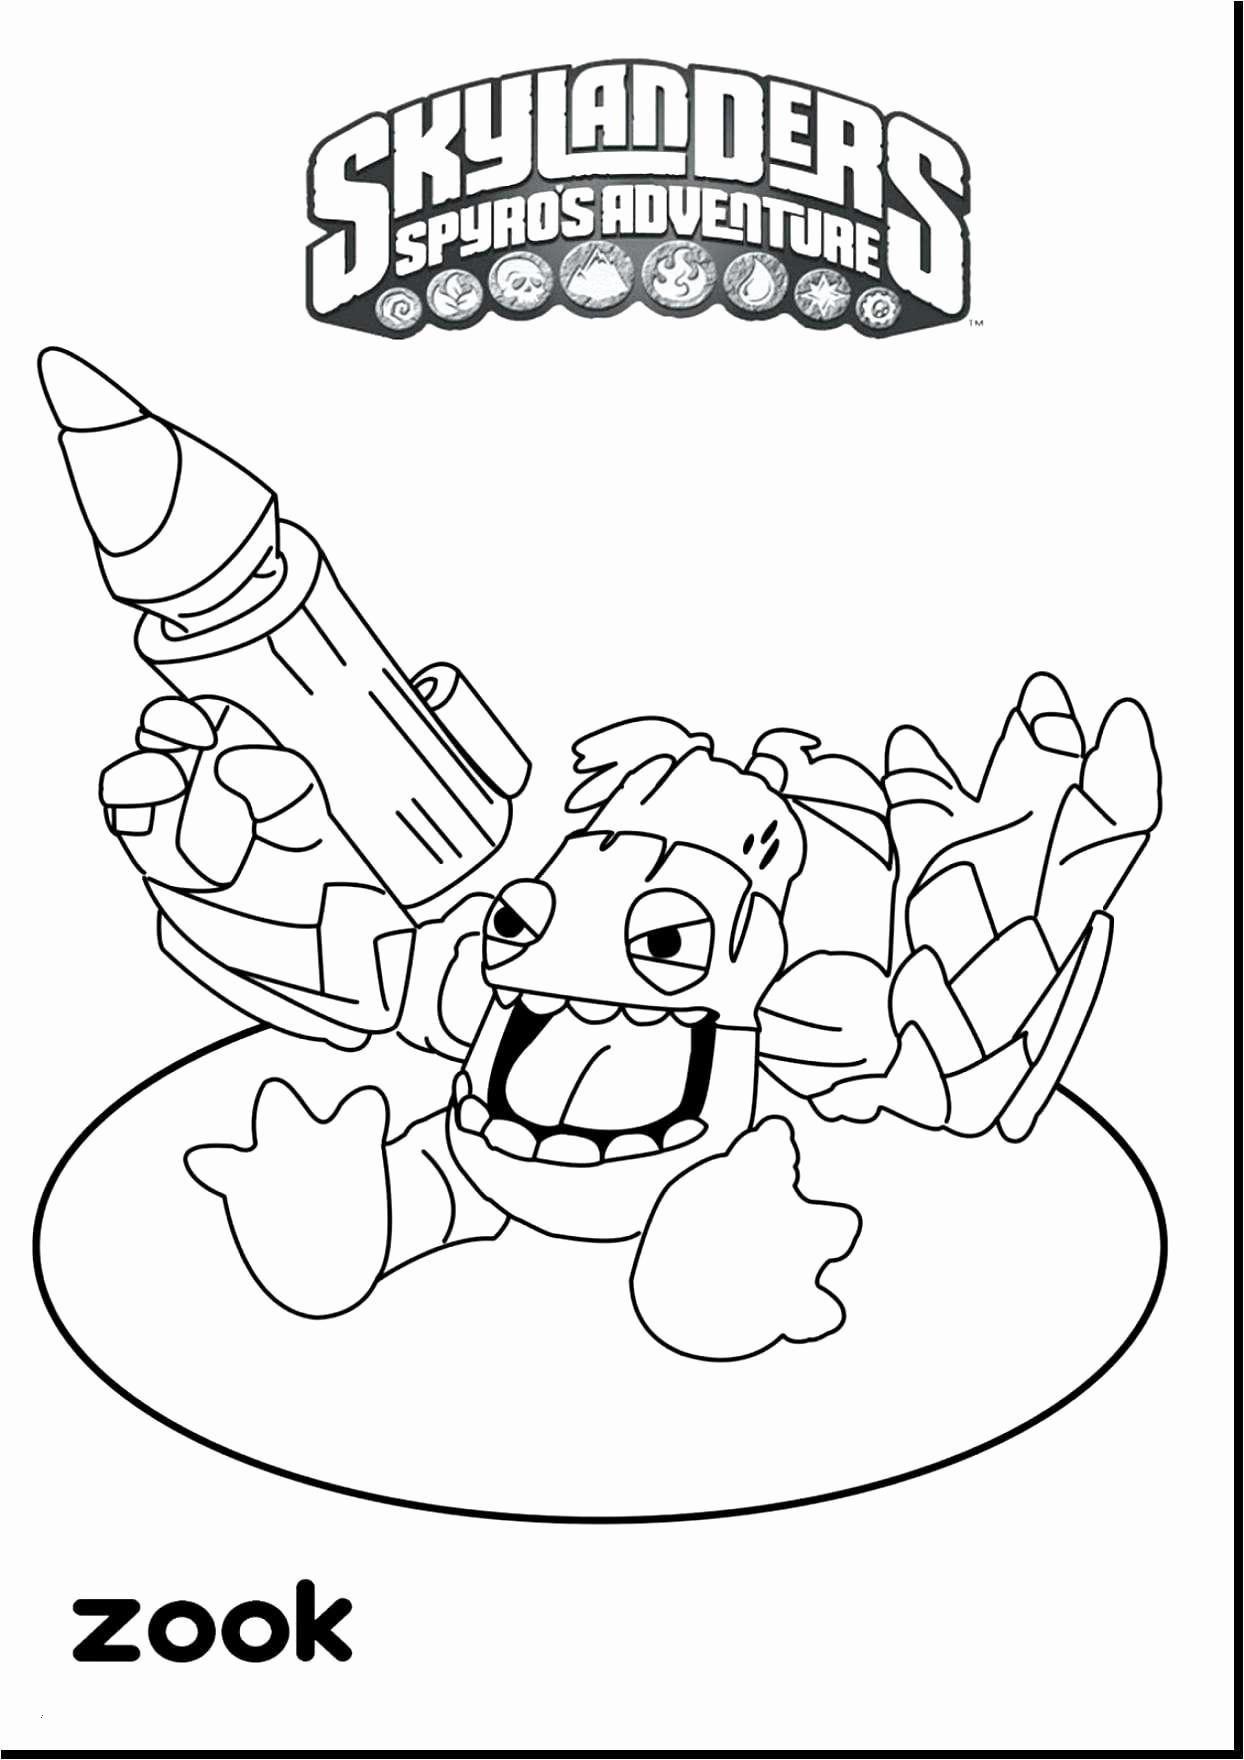 Super Mario Pilz Ausmalbilder Das Beste Von 37 Super Mario Kart Ausmalbilder Scoredatscore Inspirierend Super Galerie